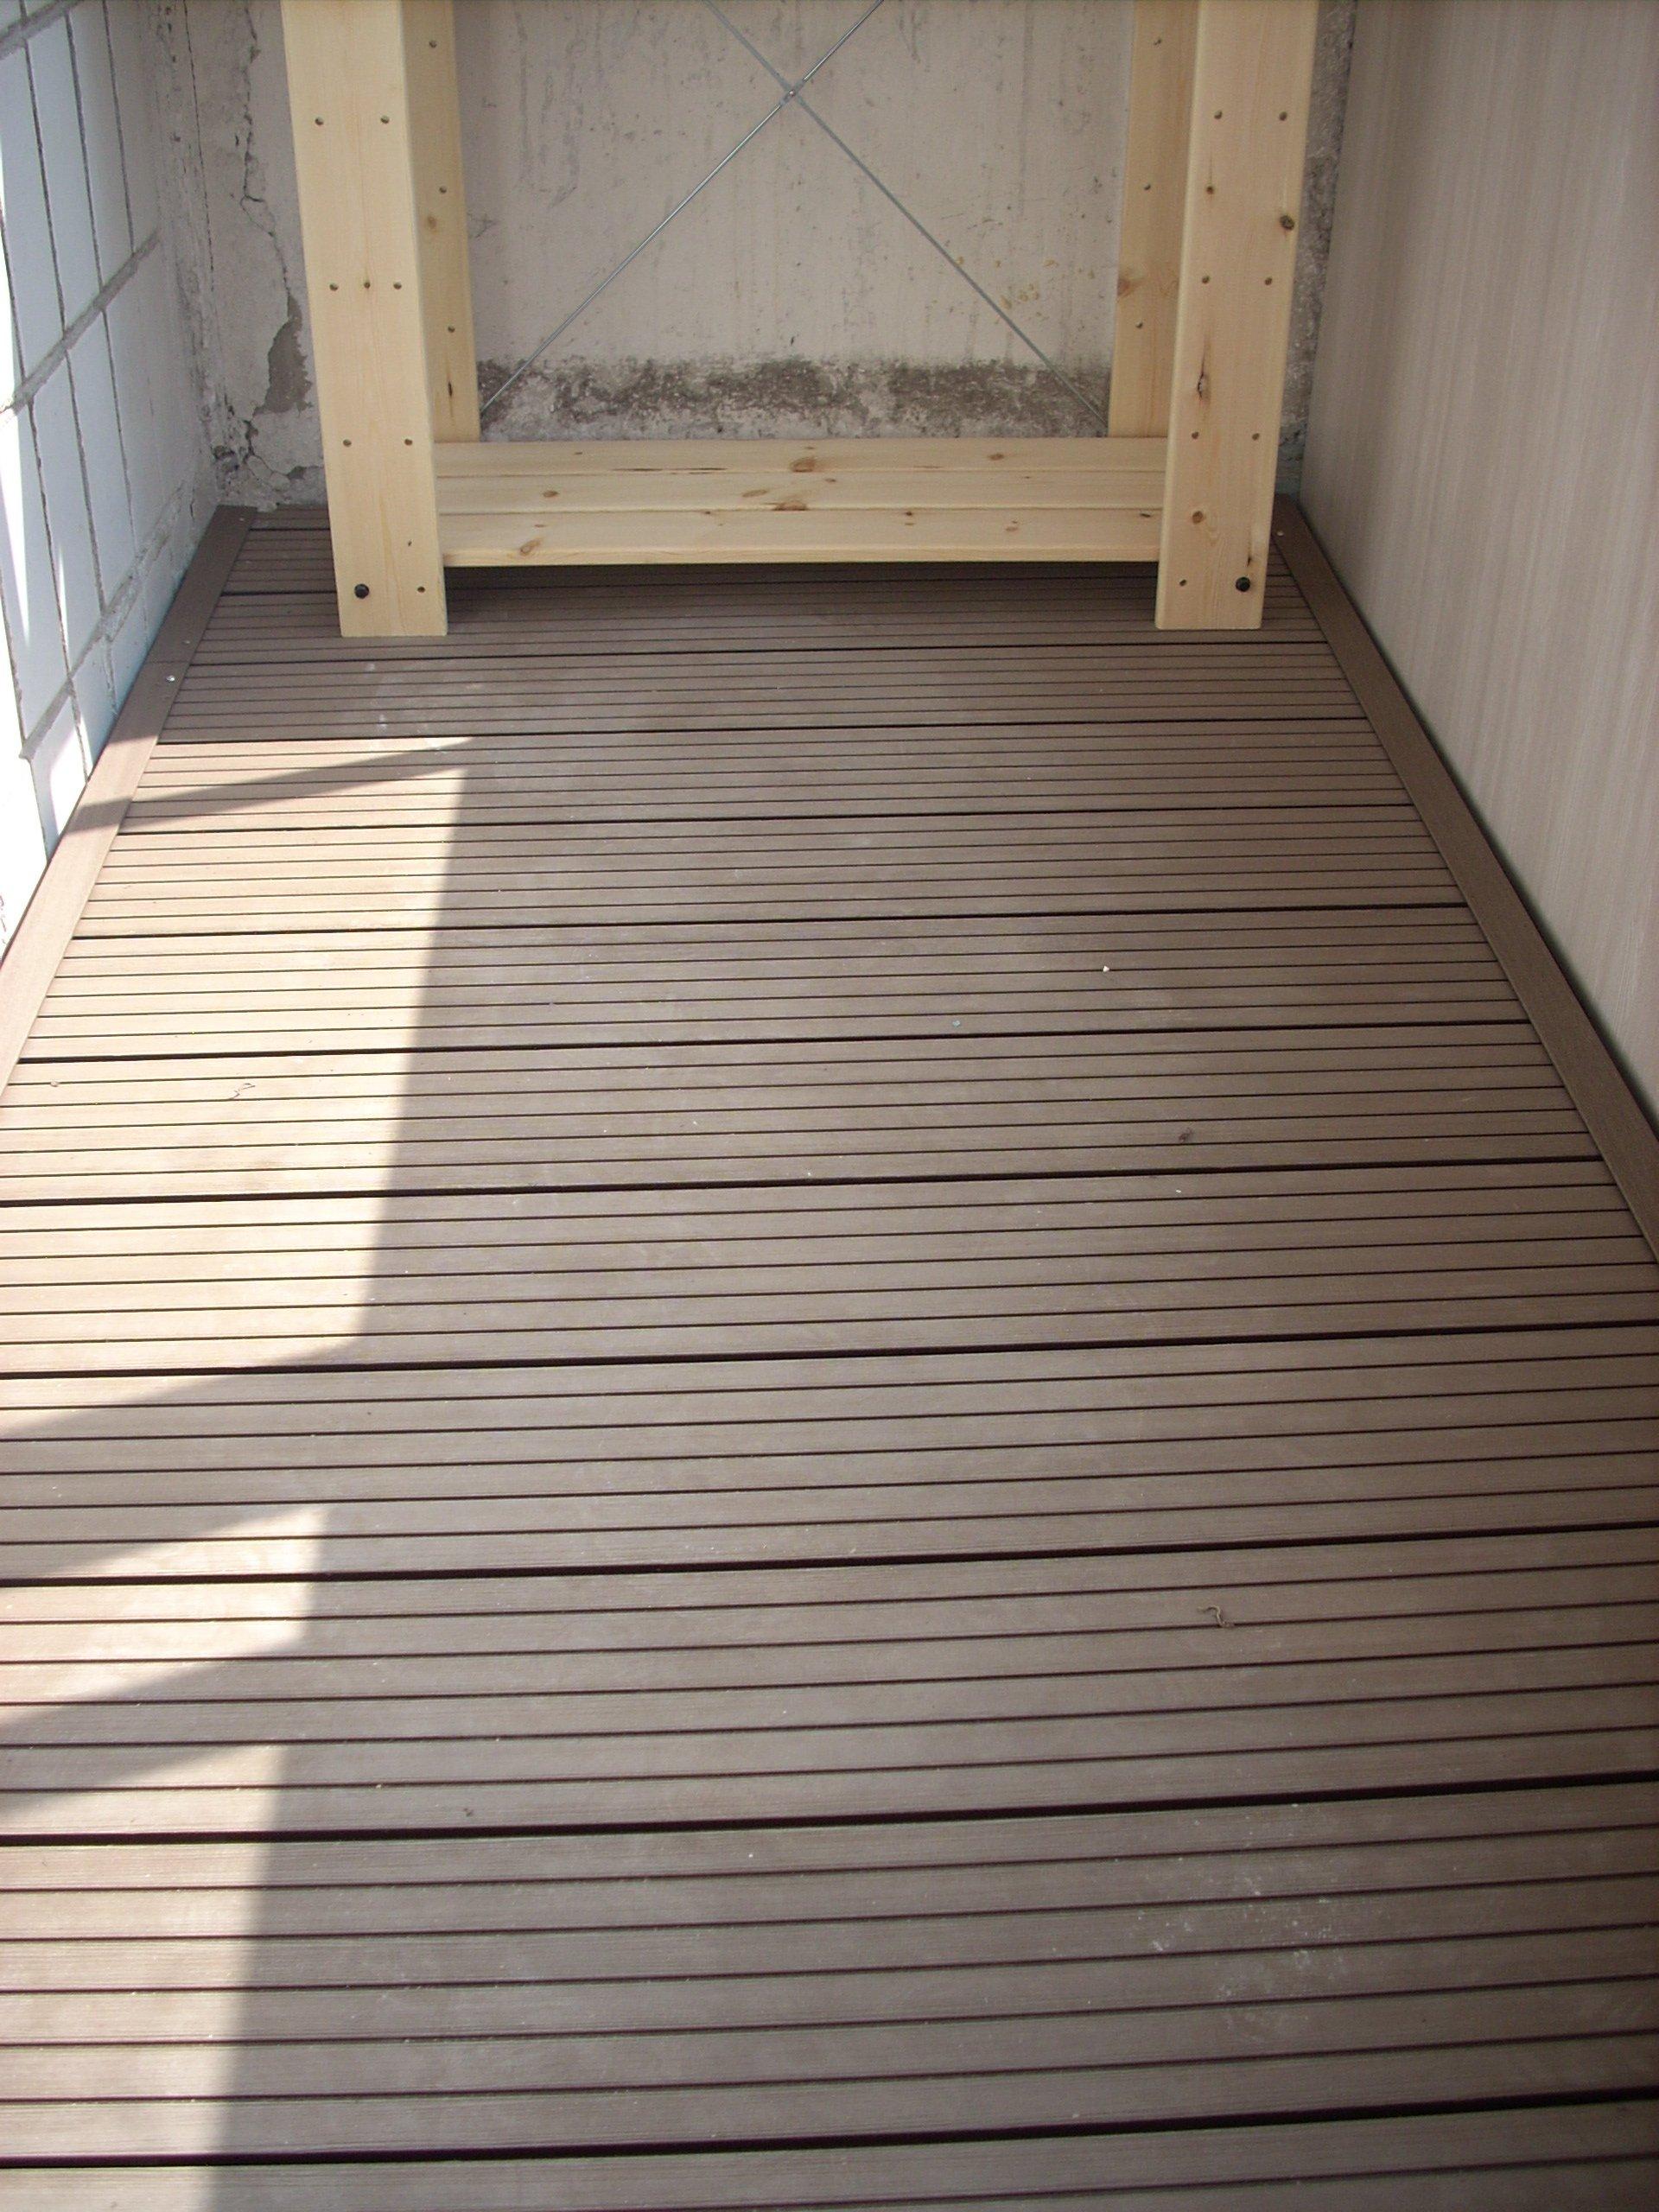 Пол на балконе или лоджии: 3 несложных этапа монтажа obustro.